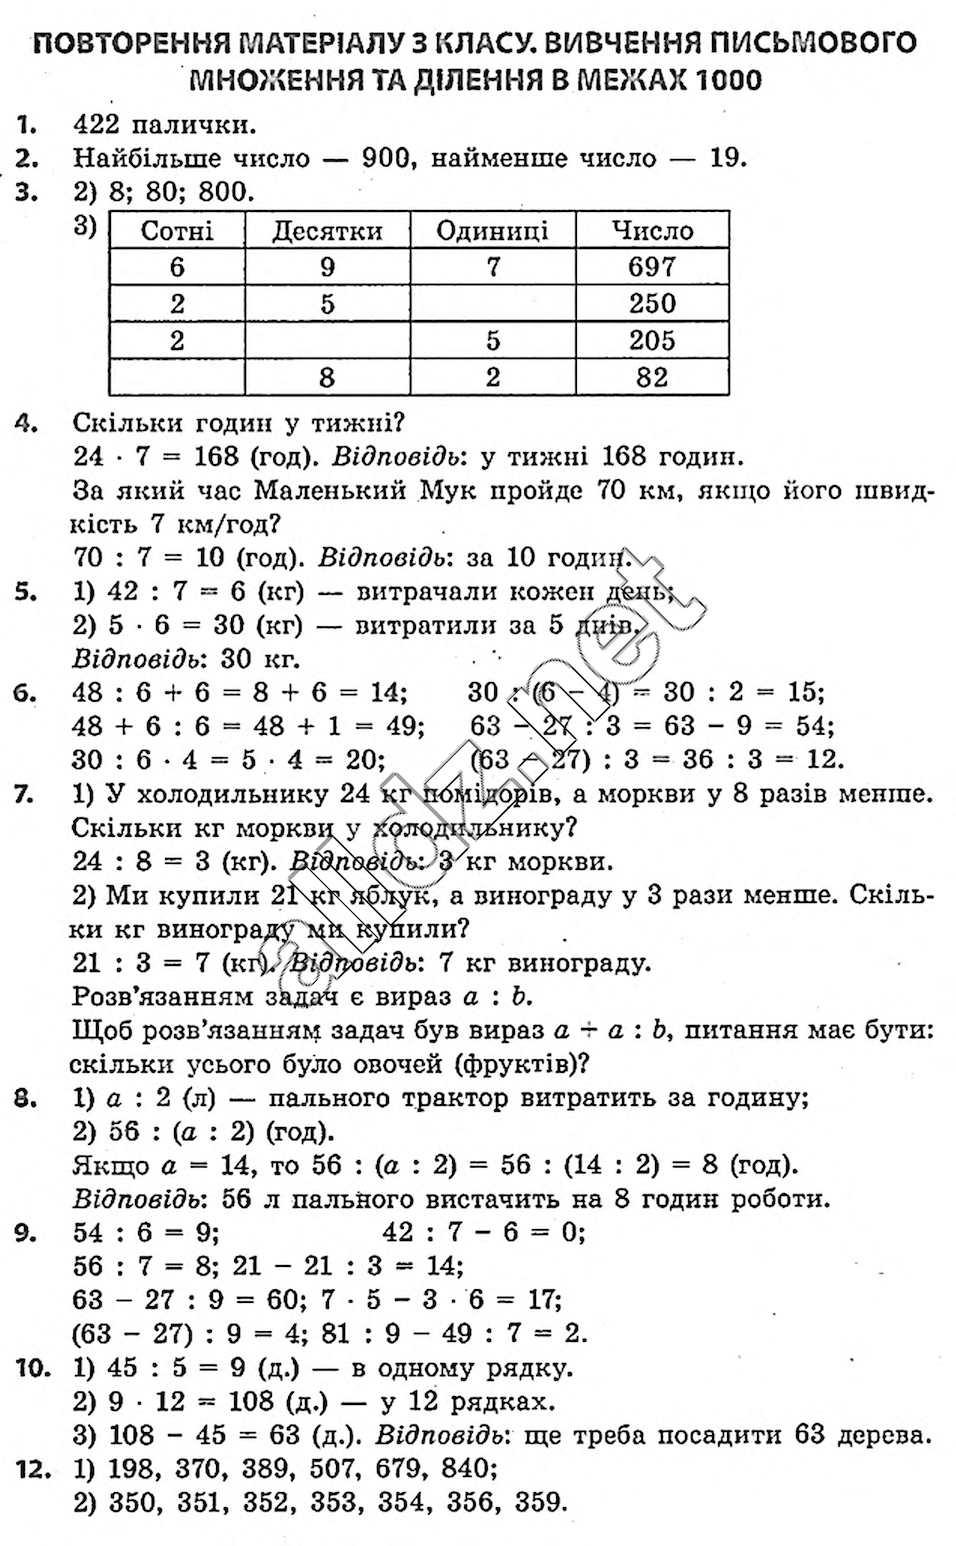 гдз по математиці 4 класу богданович